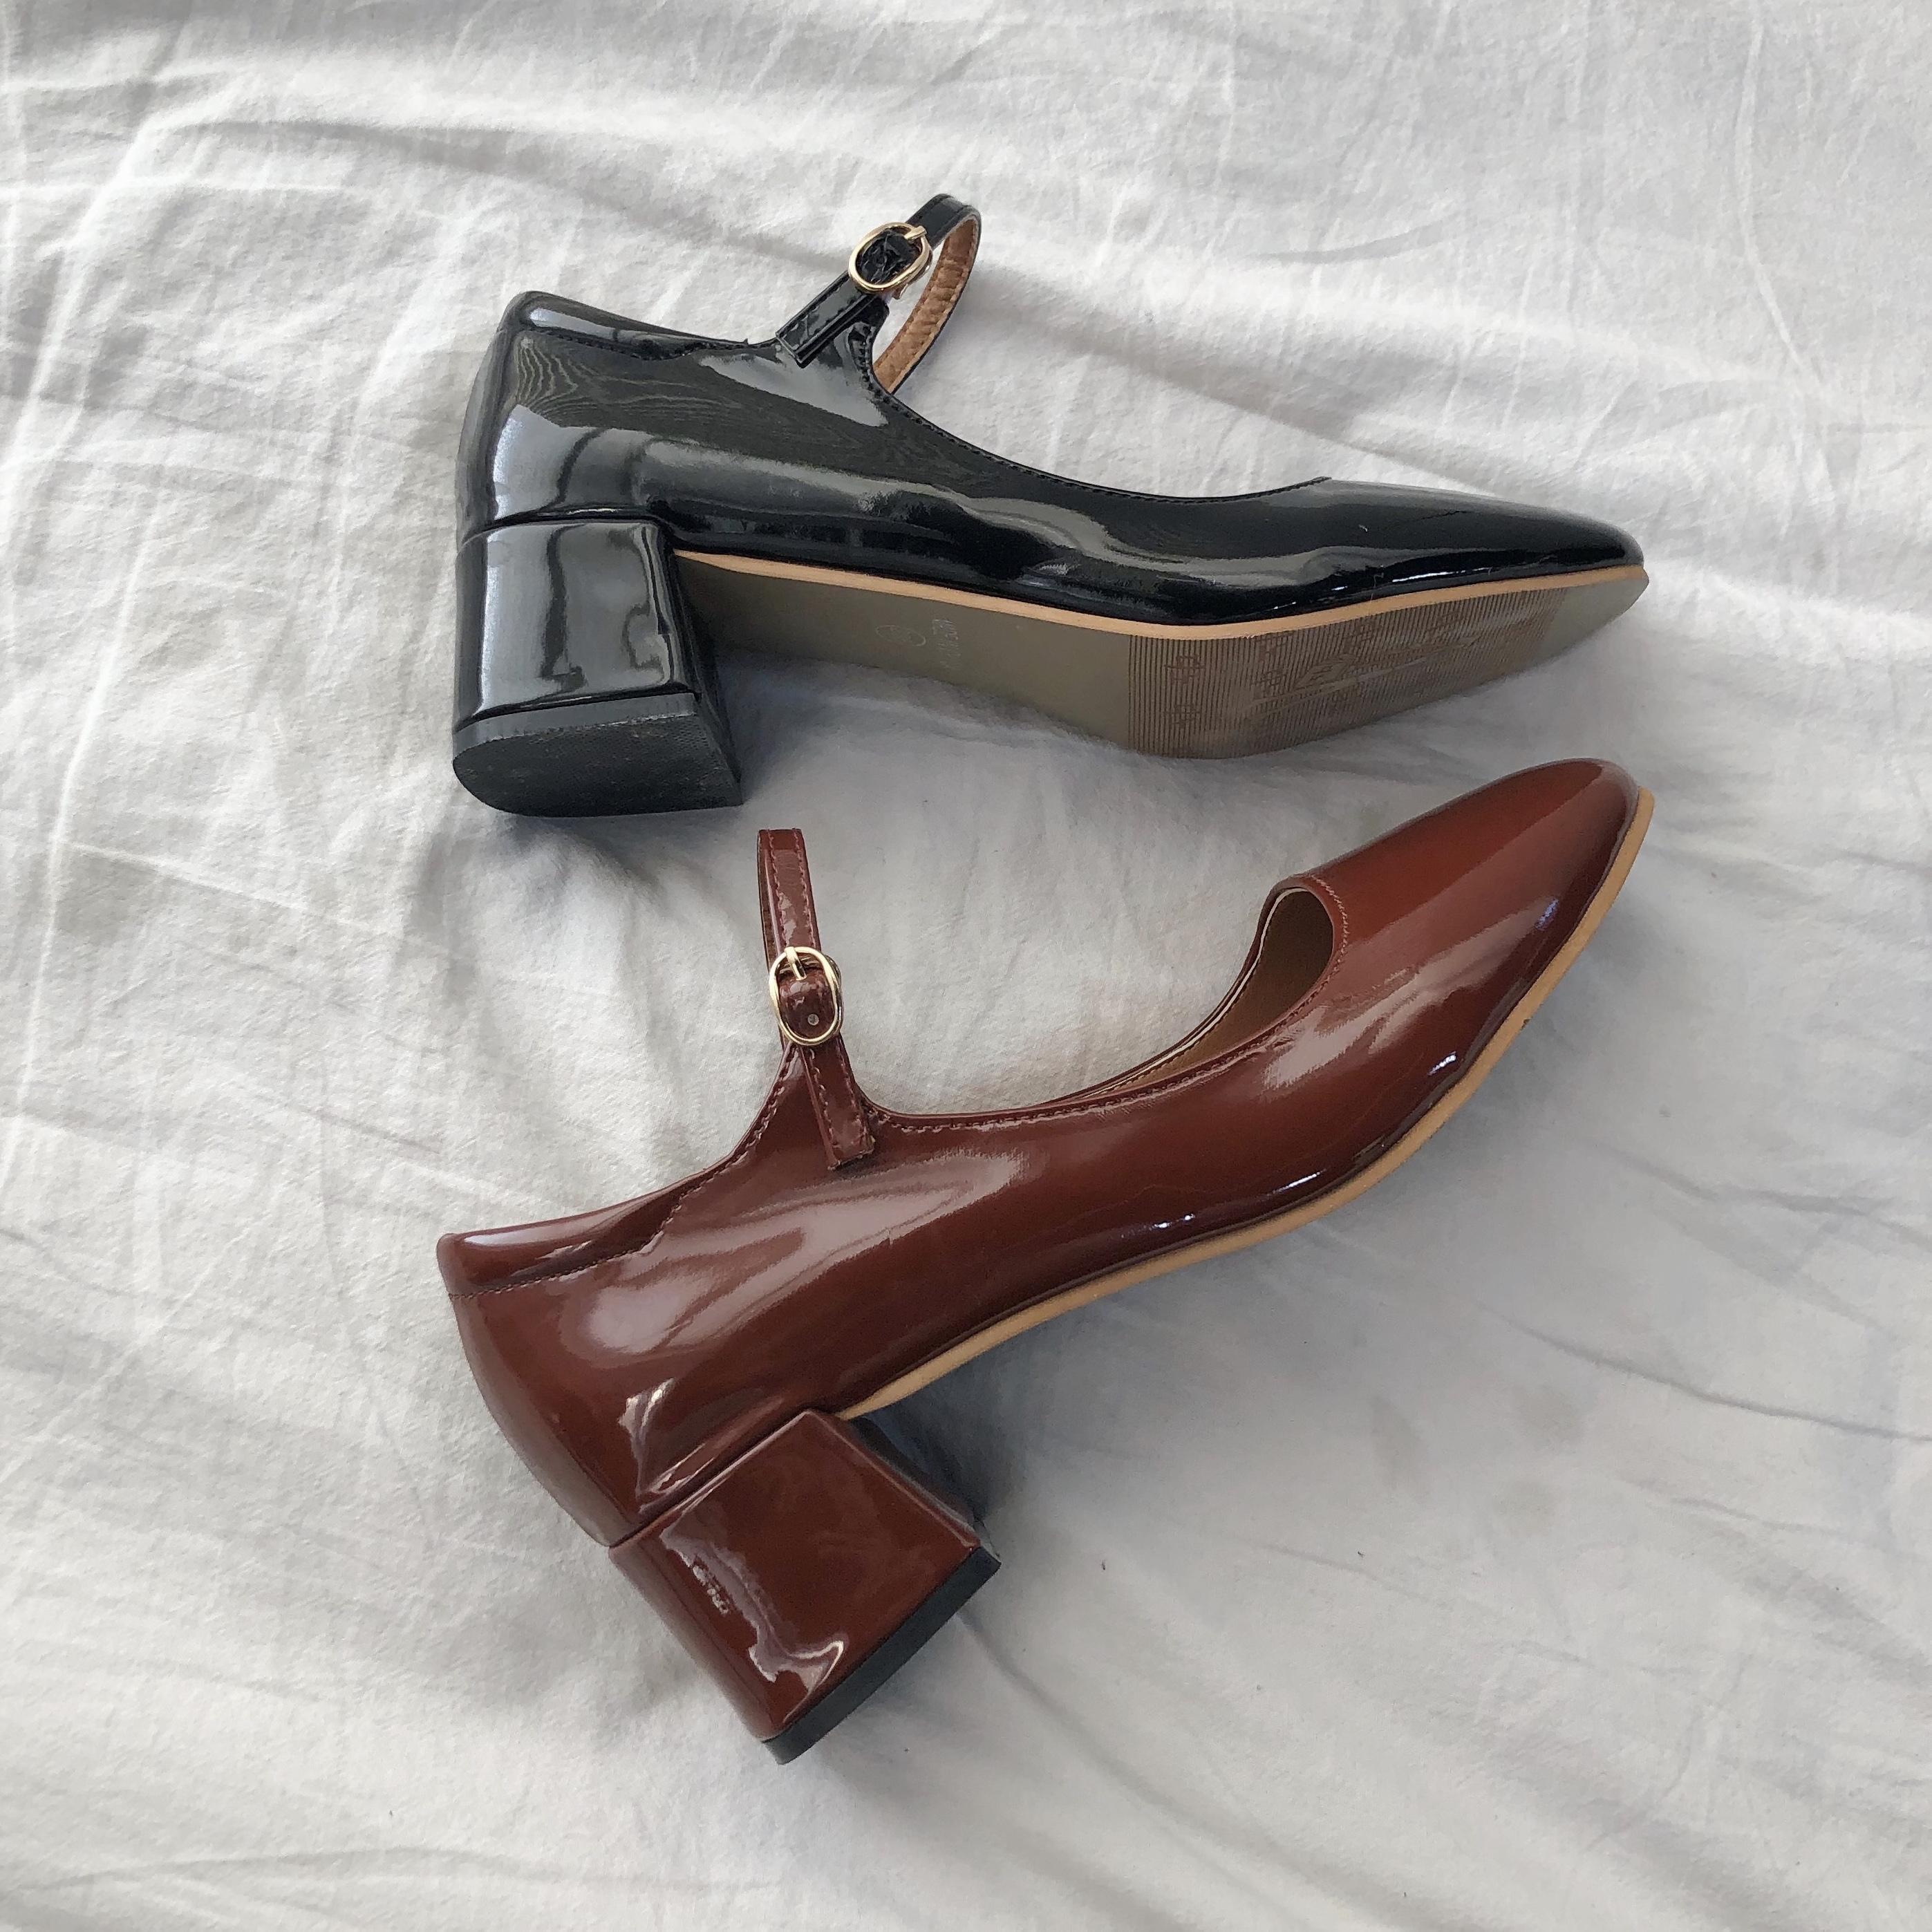 漆皮玛丽珍鞋女复古2020春季新款一字扣单鞋粗跟方头中跟仙女鞋潮